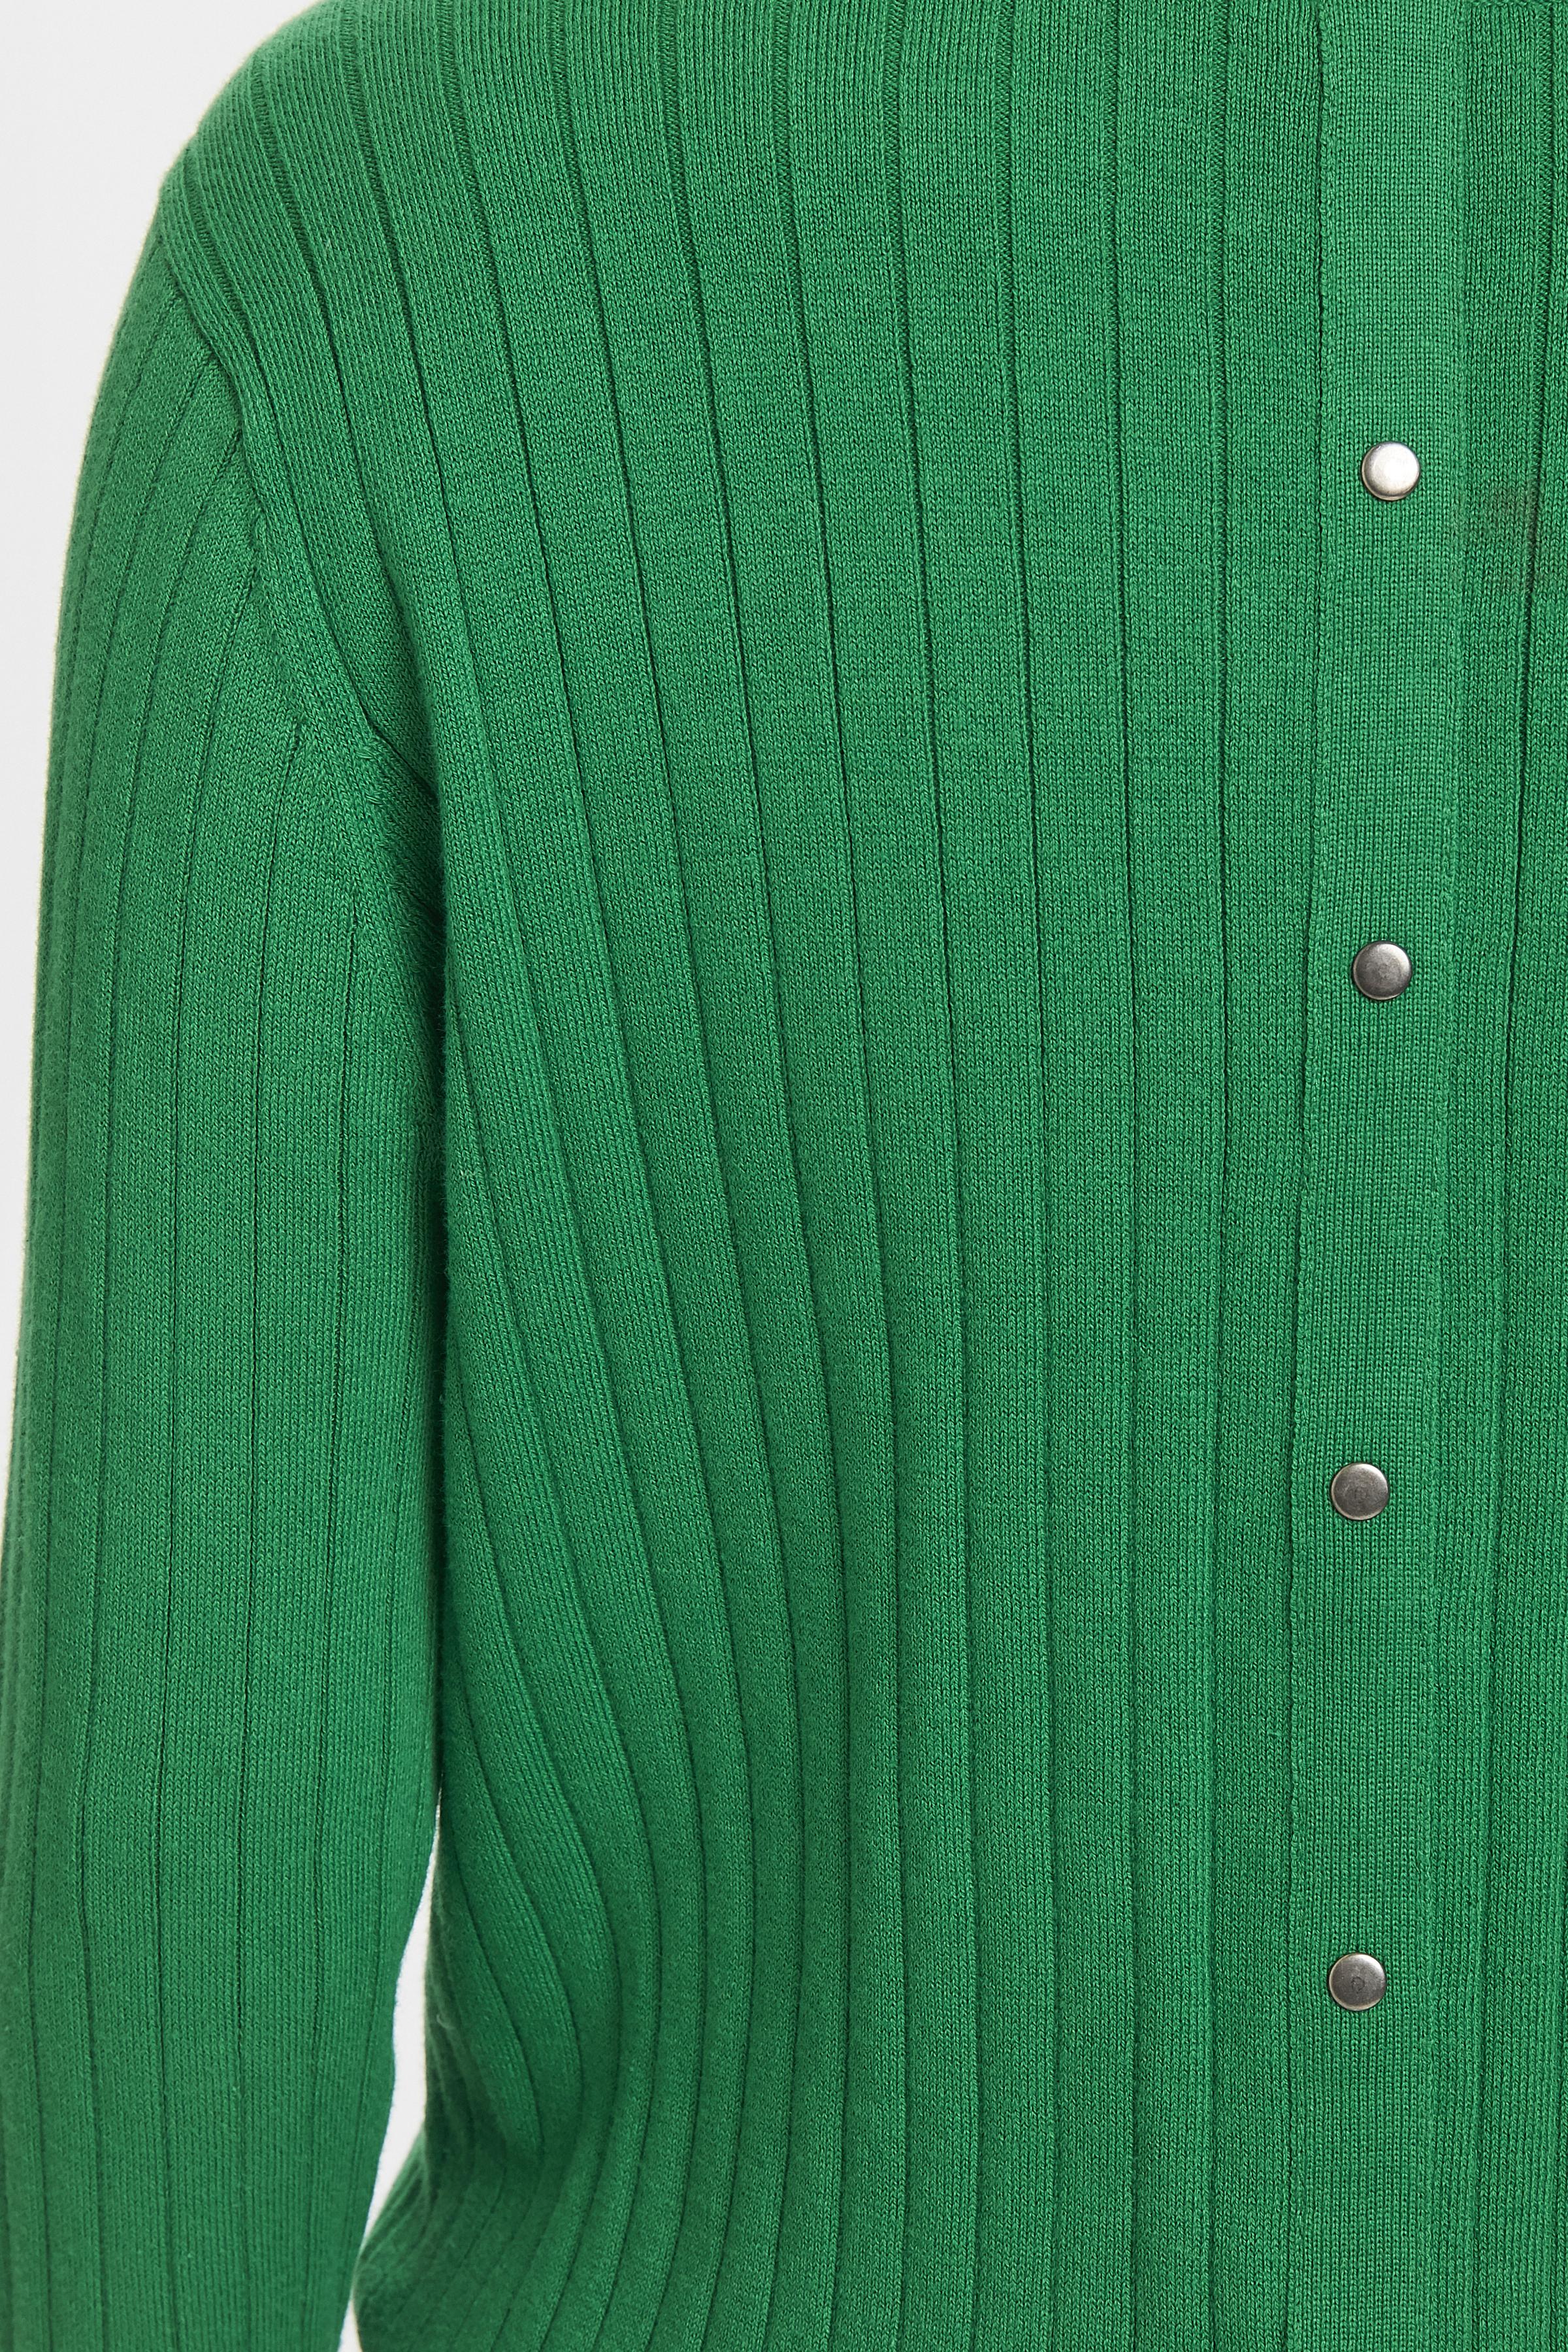 Grün Strickpullover von Fransa – Shoppen Sie Grün Strickpullover ab Gr. XS-XXL hier